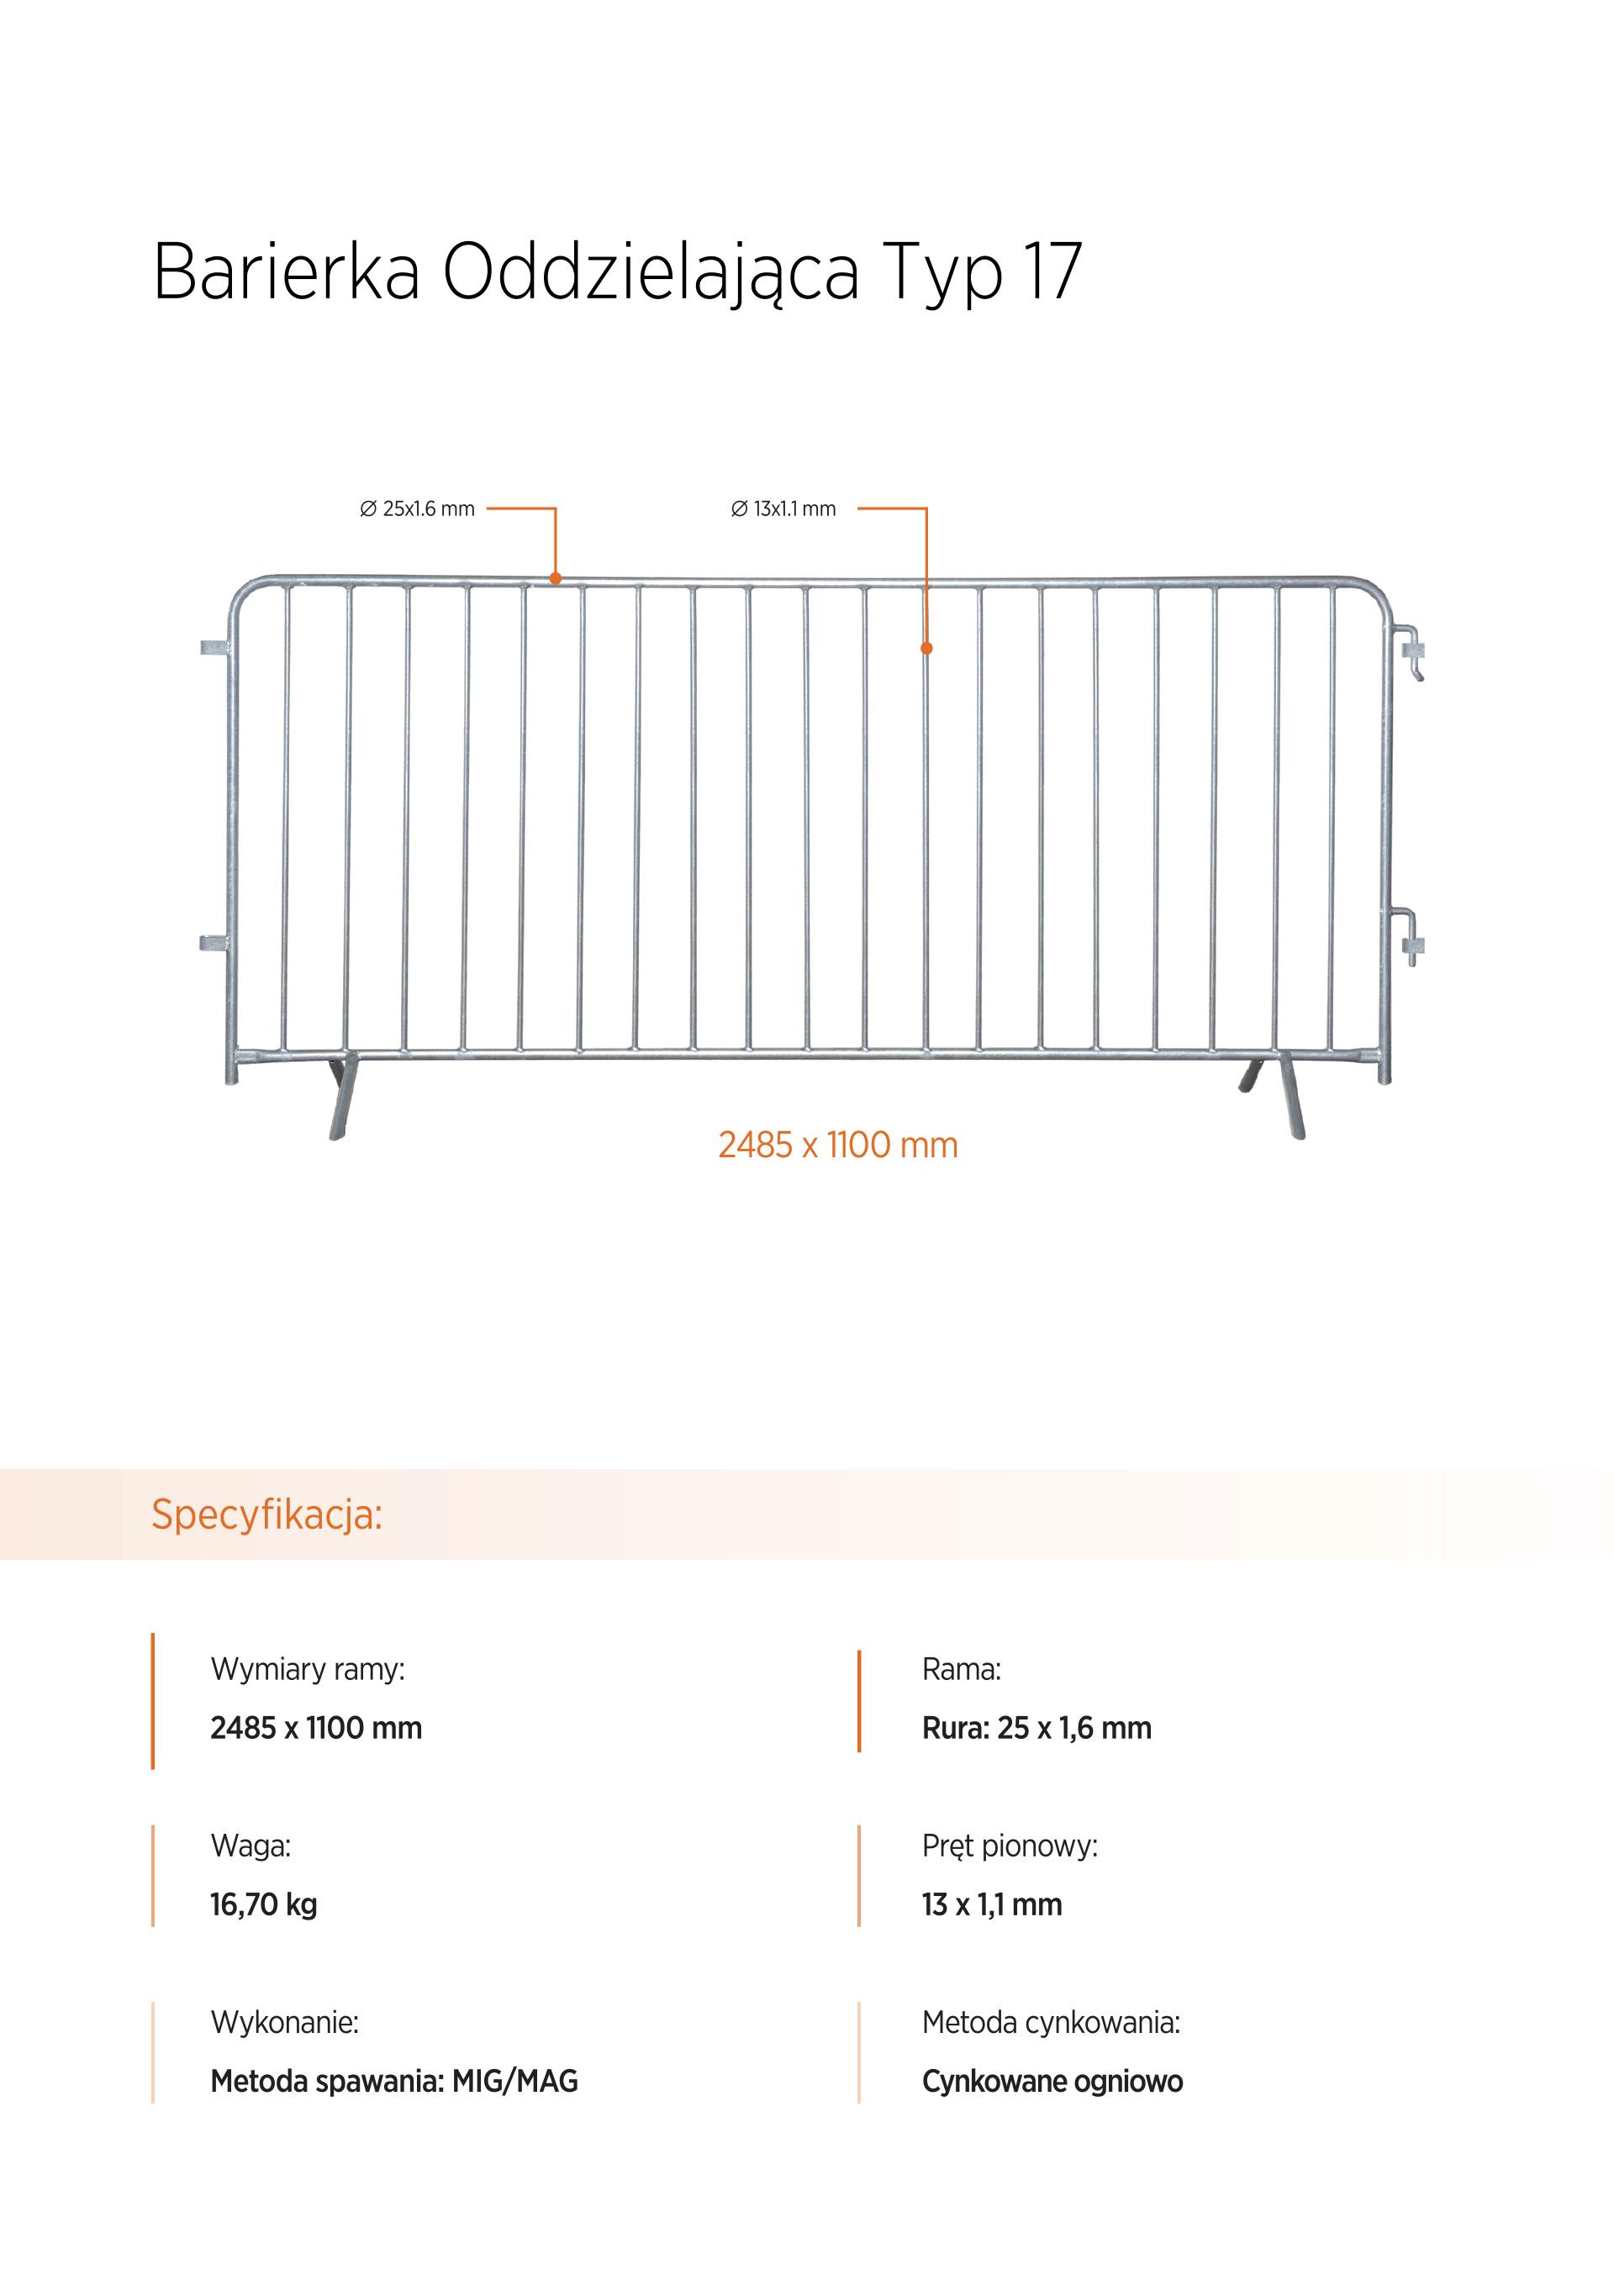 barierka eventowa - Ogrodzenia tymczasowe Chełm